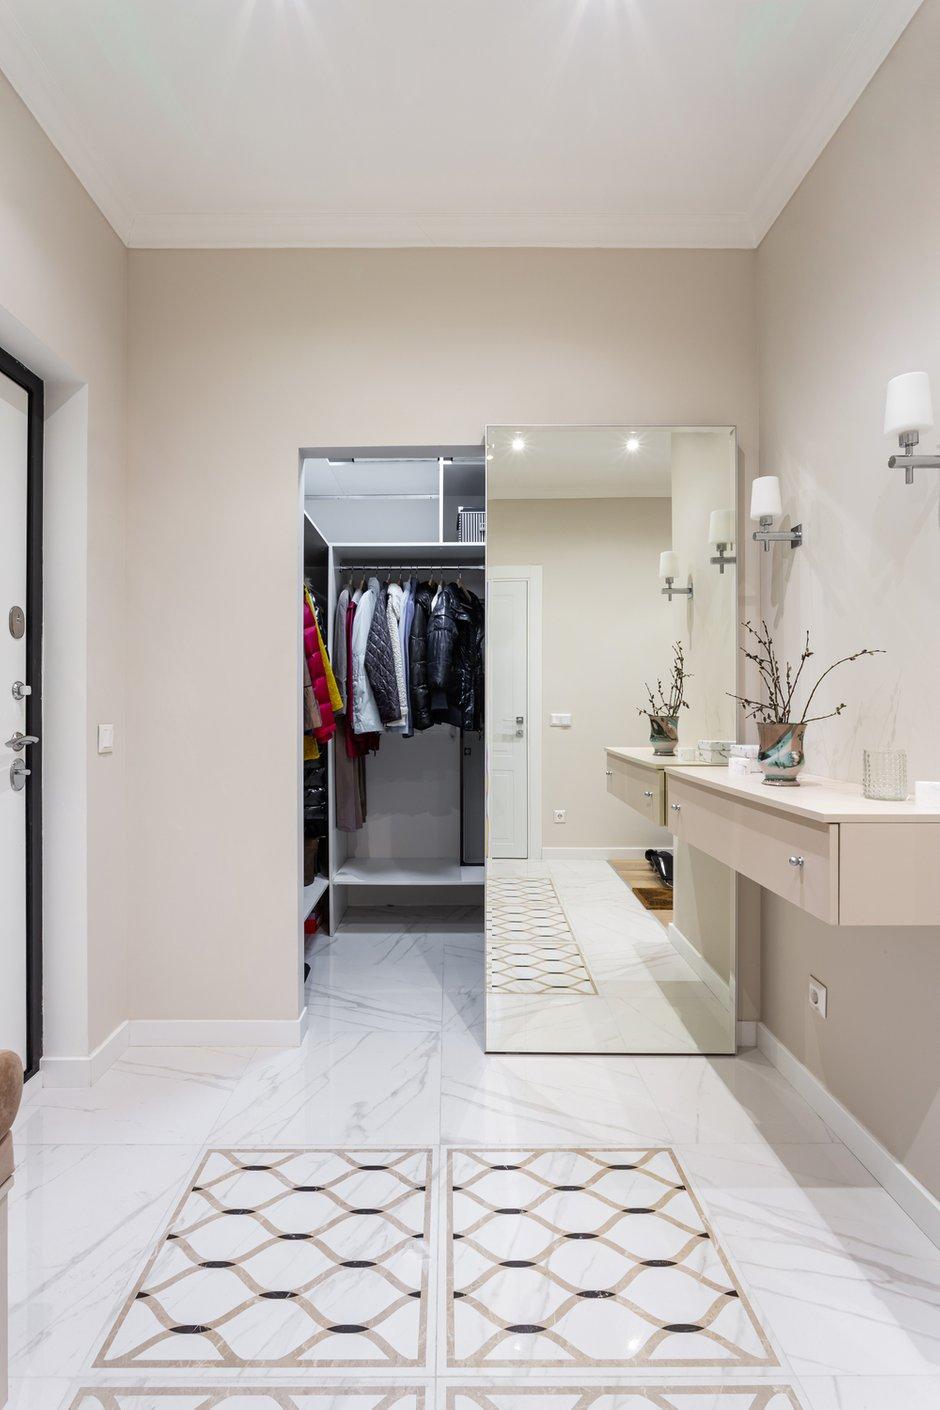 Гардеробную в прихожей спрятали за зеркальной дверью: она расширяет пространство и заменяет отдельно стоящее зеркало в пол.